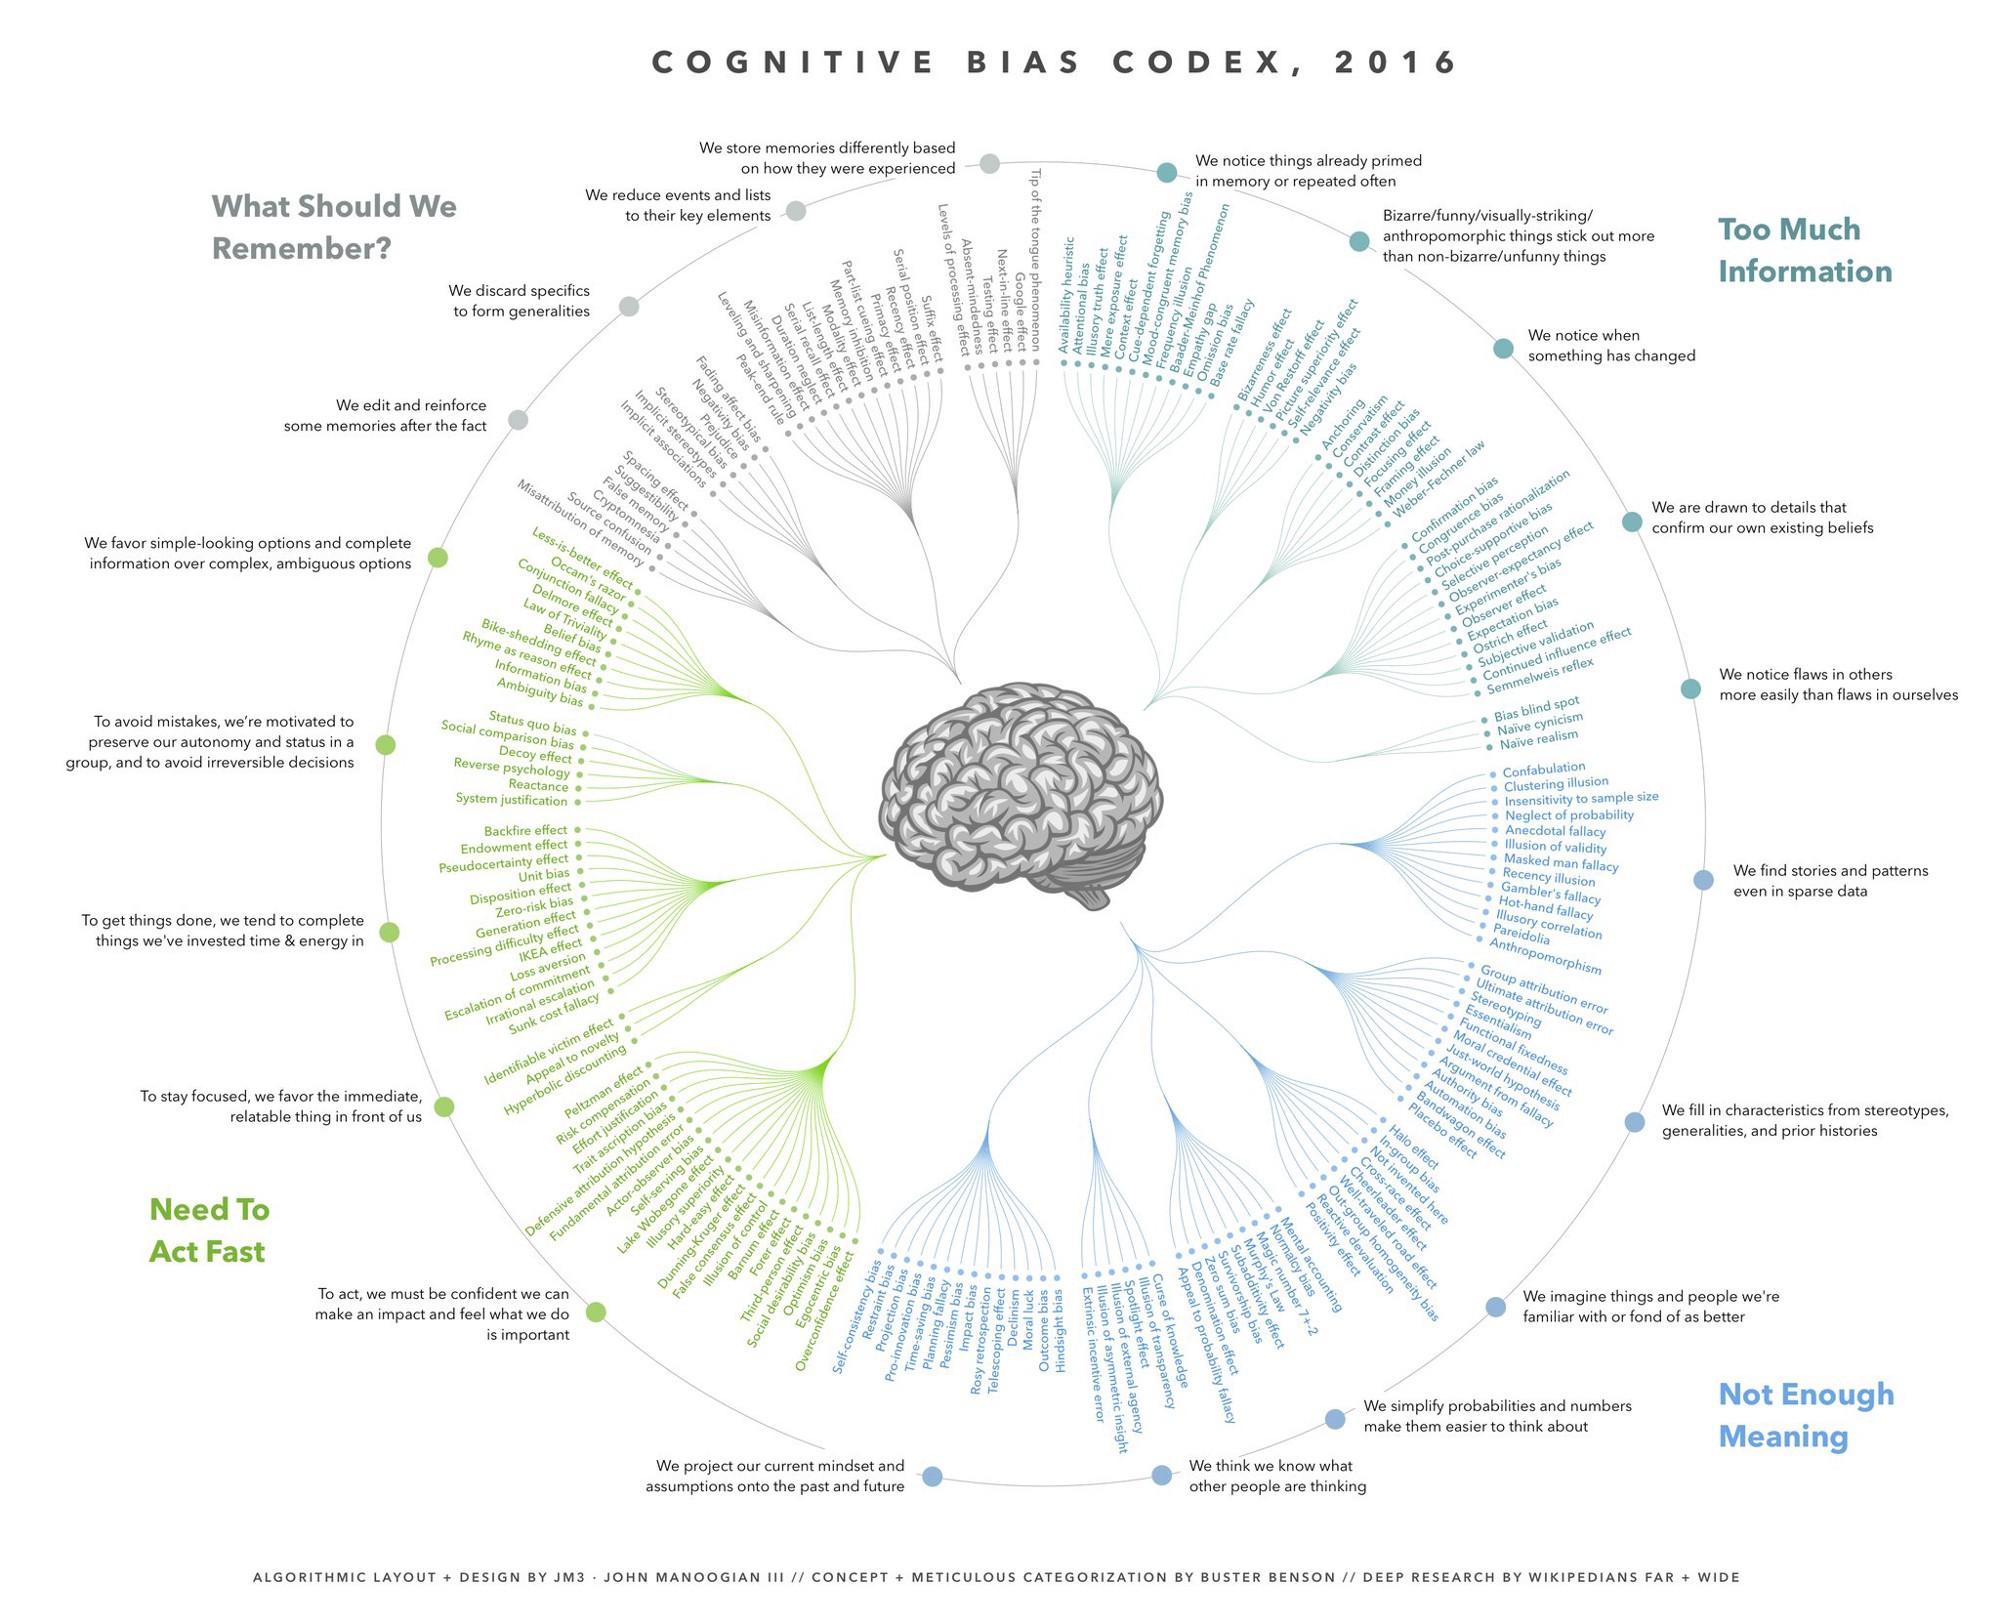 Когнитивный  — это какой, как развивать когнитивные функции и способности, чтобы потом не было их нарушений и искажений | ktonanovenkogo.ru